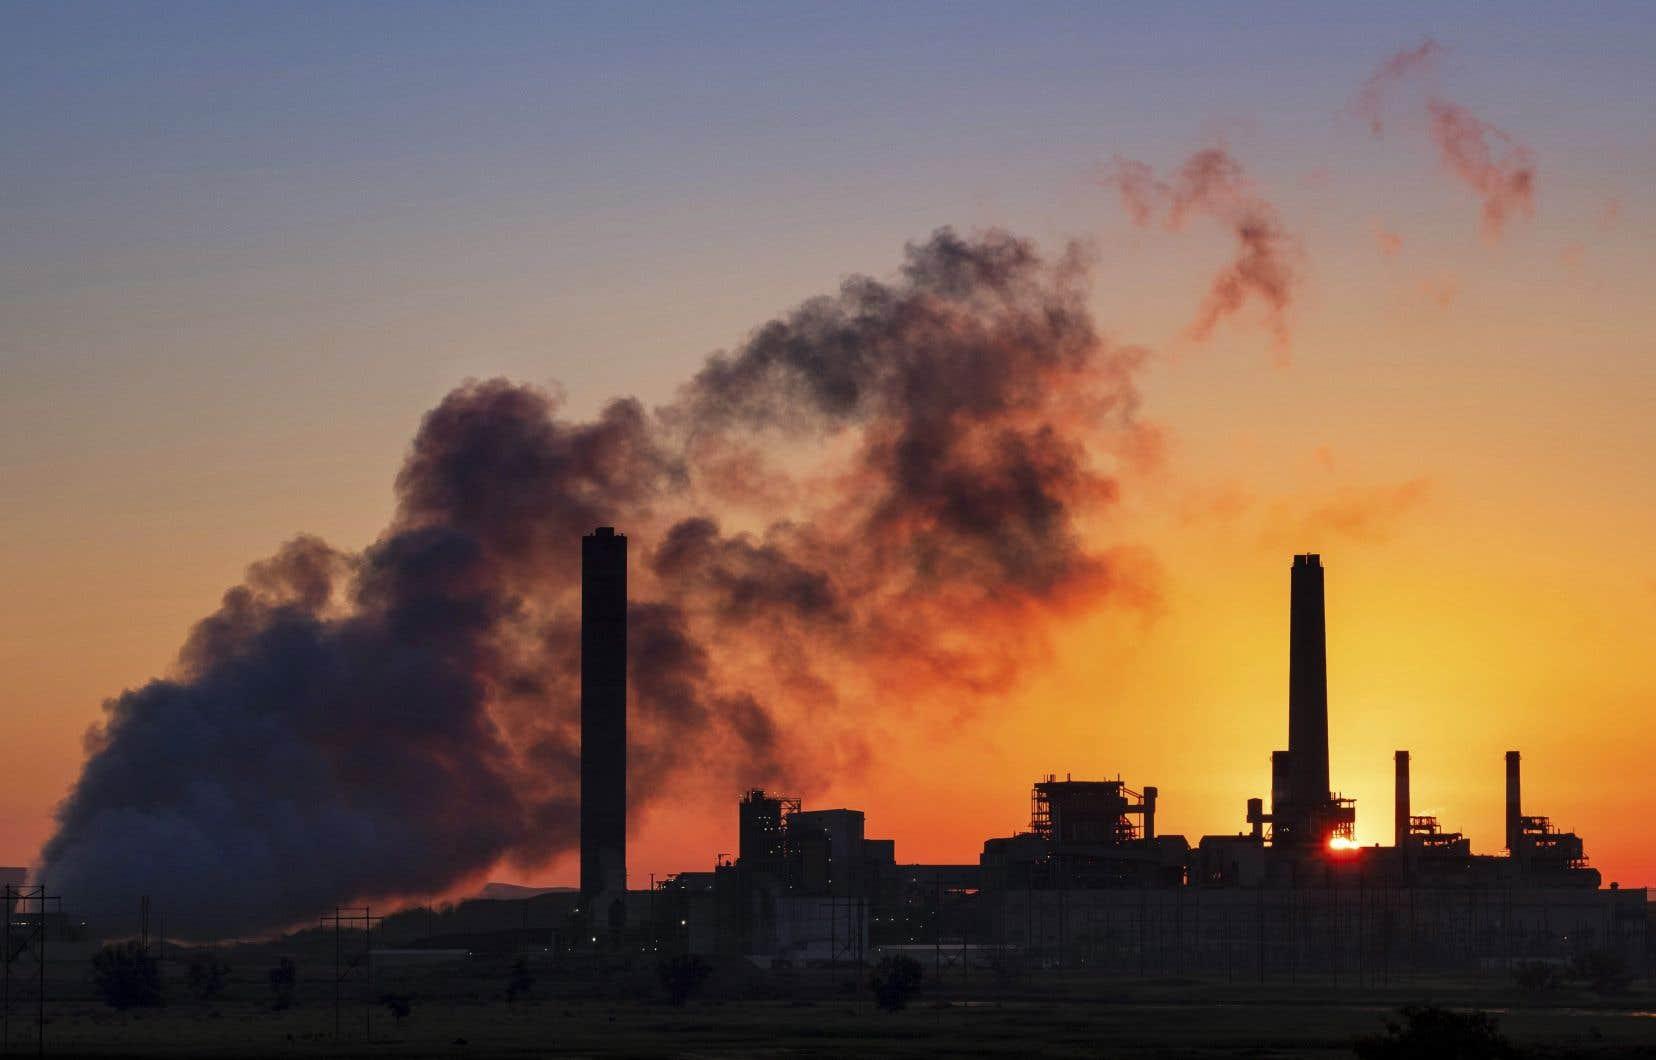 Le charbon représente 37% de la production électrique dans le monde, mais il est extrêmement polluant et génère environ un tiers des émissions de gaz à effet de serre.